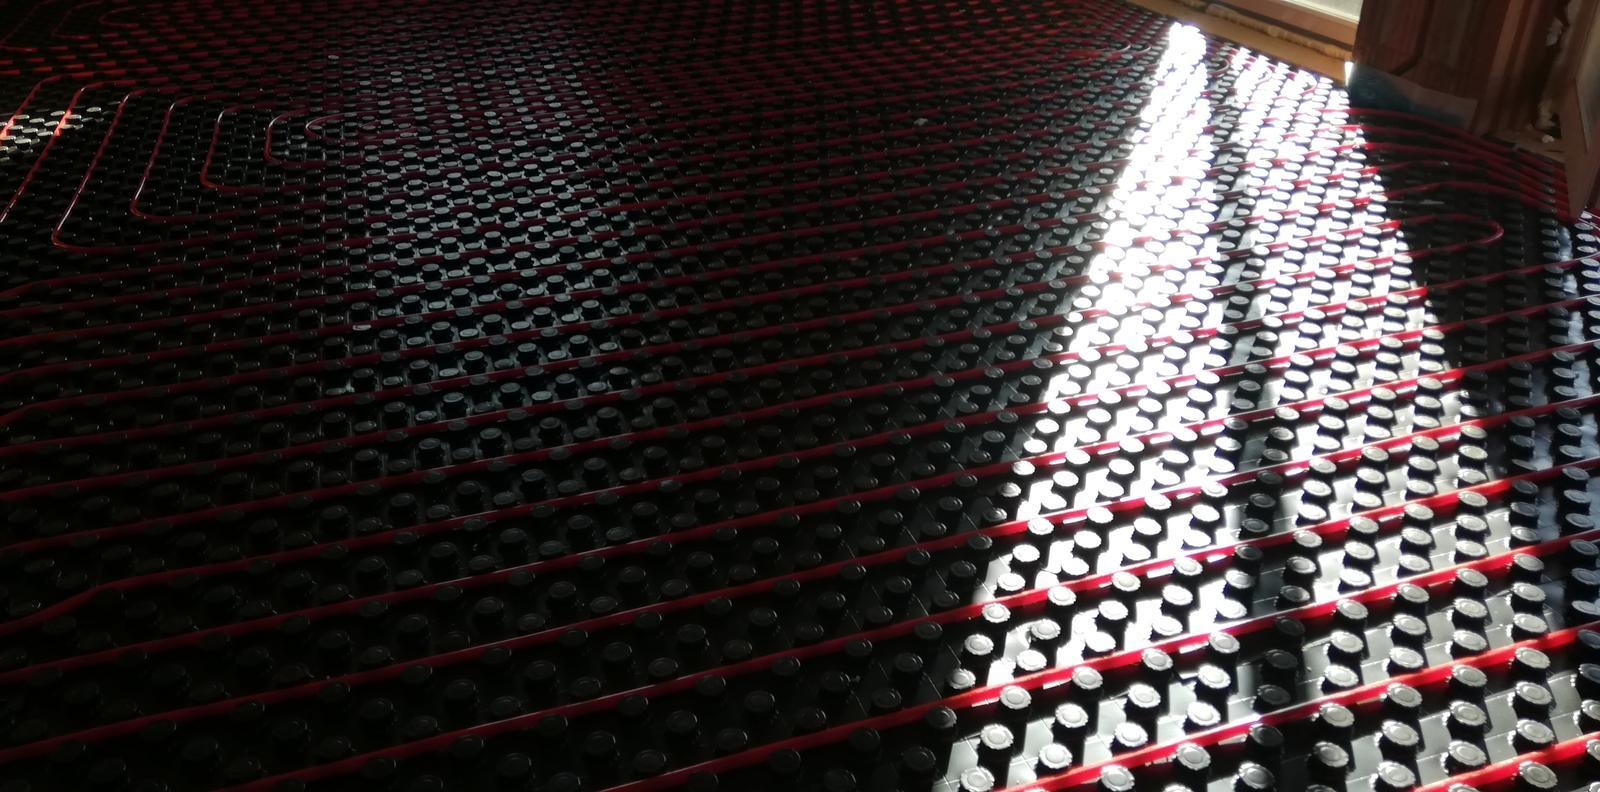 Teplovodné podlahové kúrenie v RD Jelenec - Obrázok č. 2